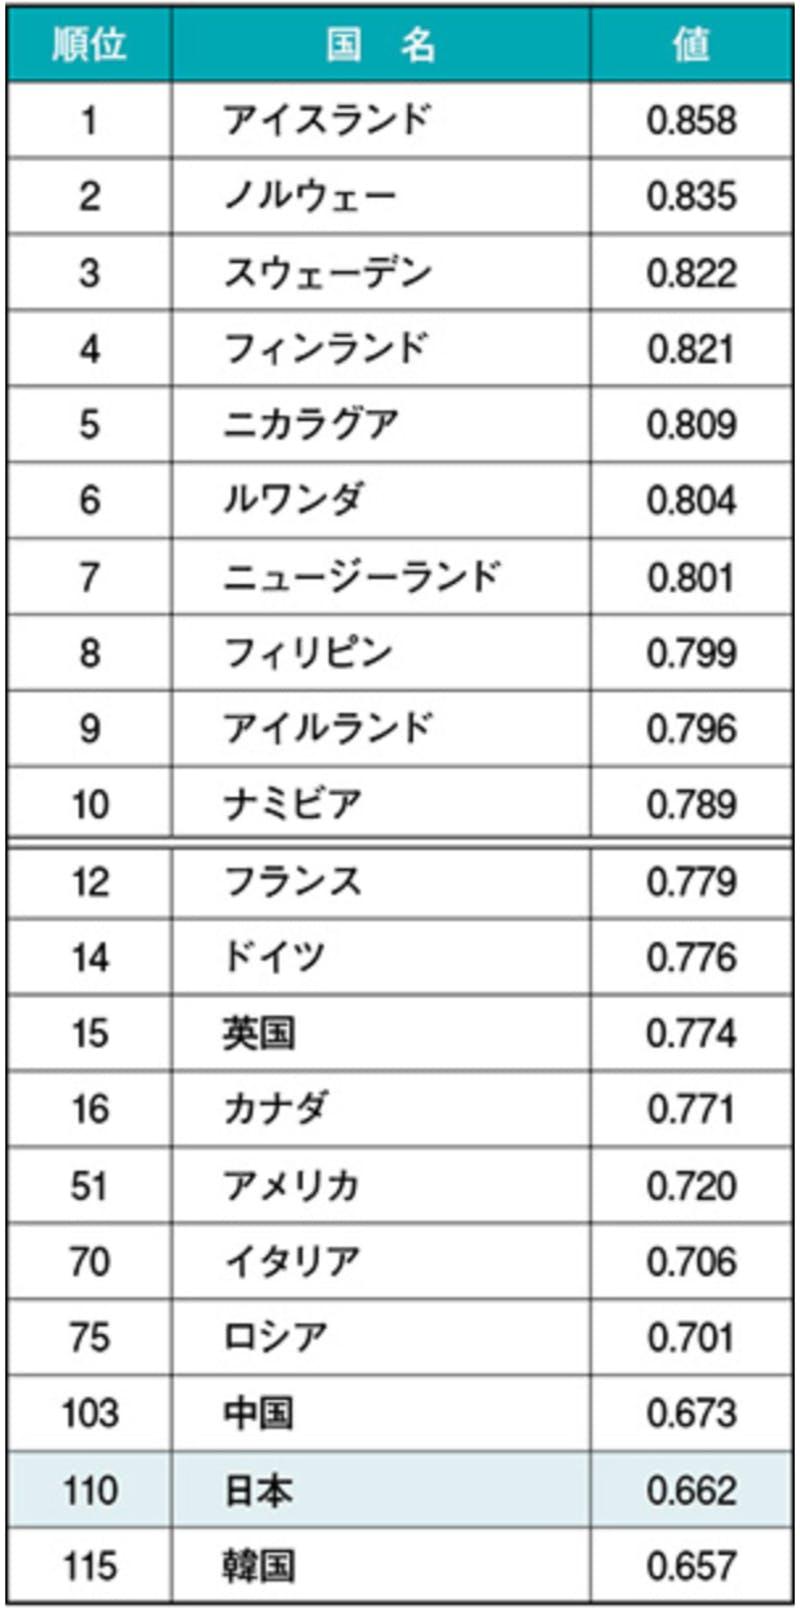 ▲[ジェンダー・ギャップ指数(2018)上位国及び主な国の順位]:内閣府 男女共同参画局